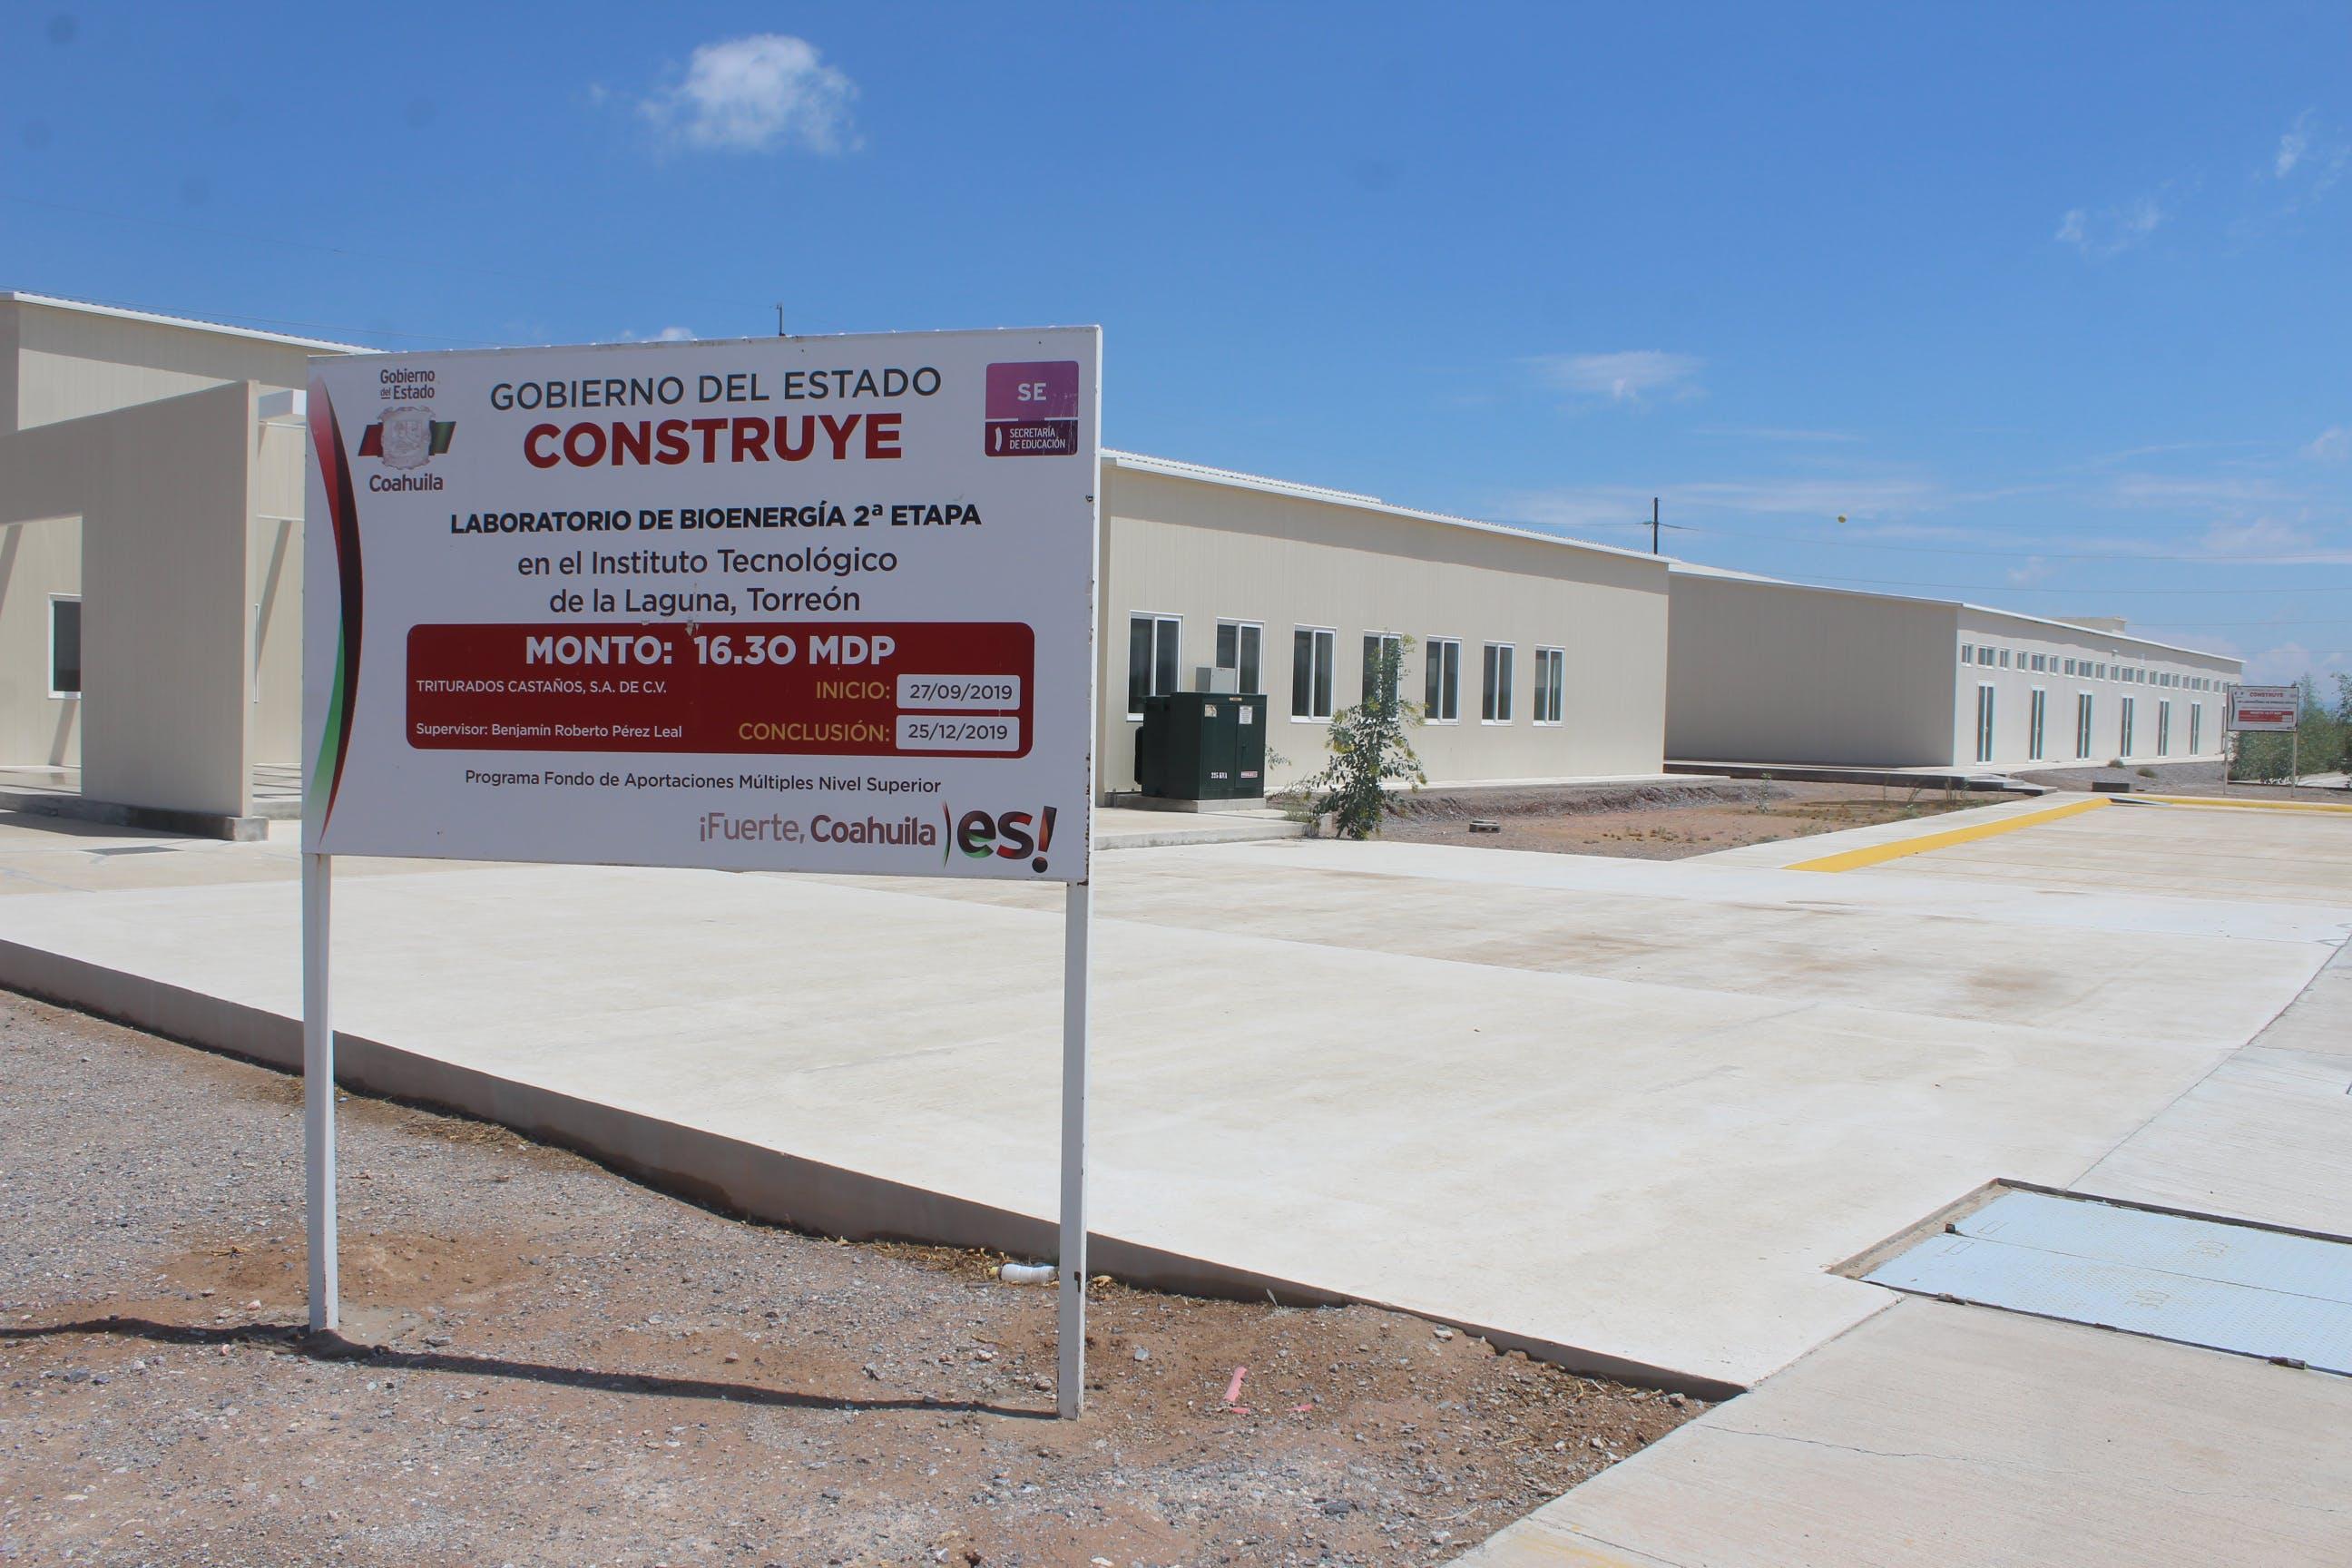 Laboratorios de la UNidad Especializada de Energías Ronovables.